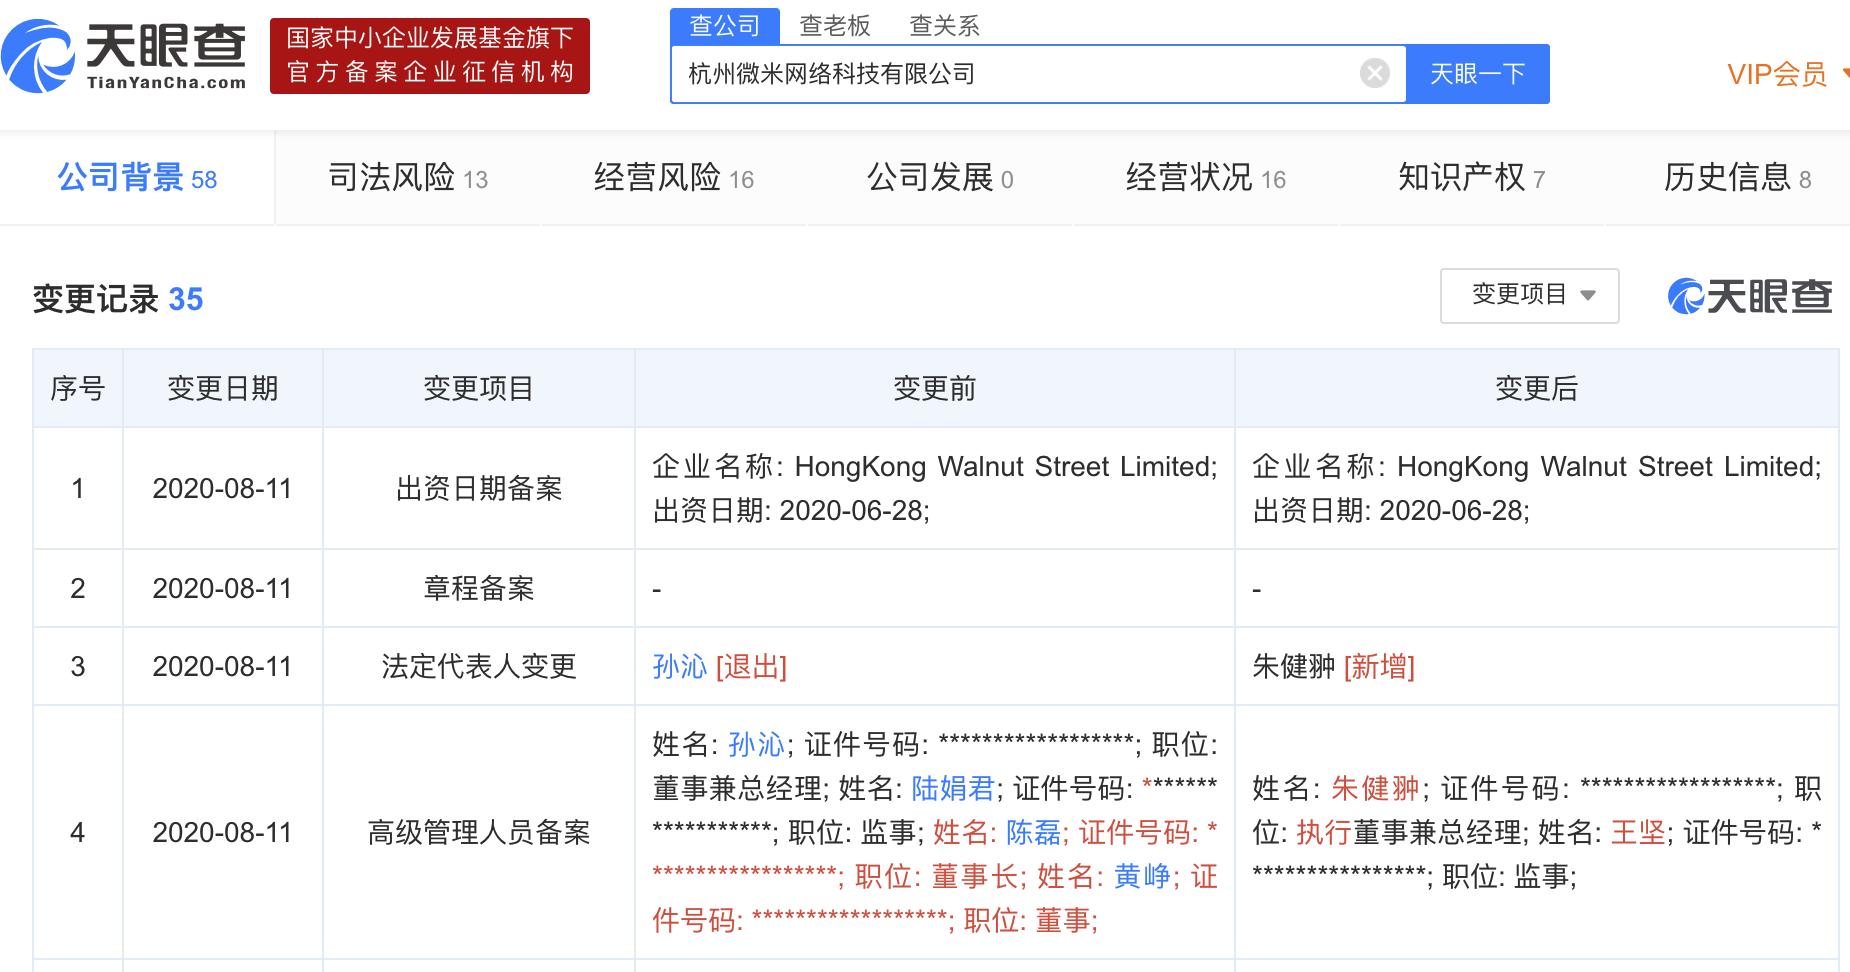 拼多多创始人黄峥退出杭州微米网络科技有限公司董事